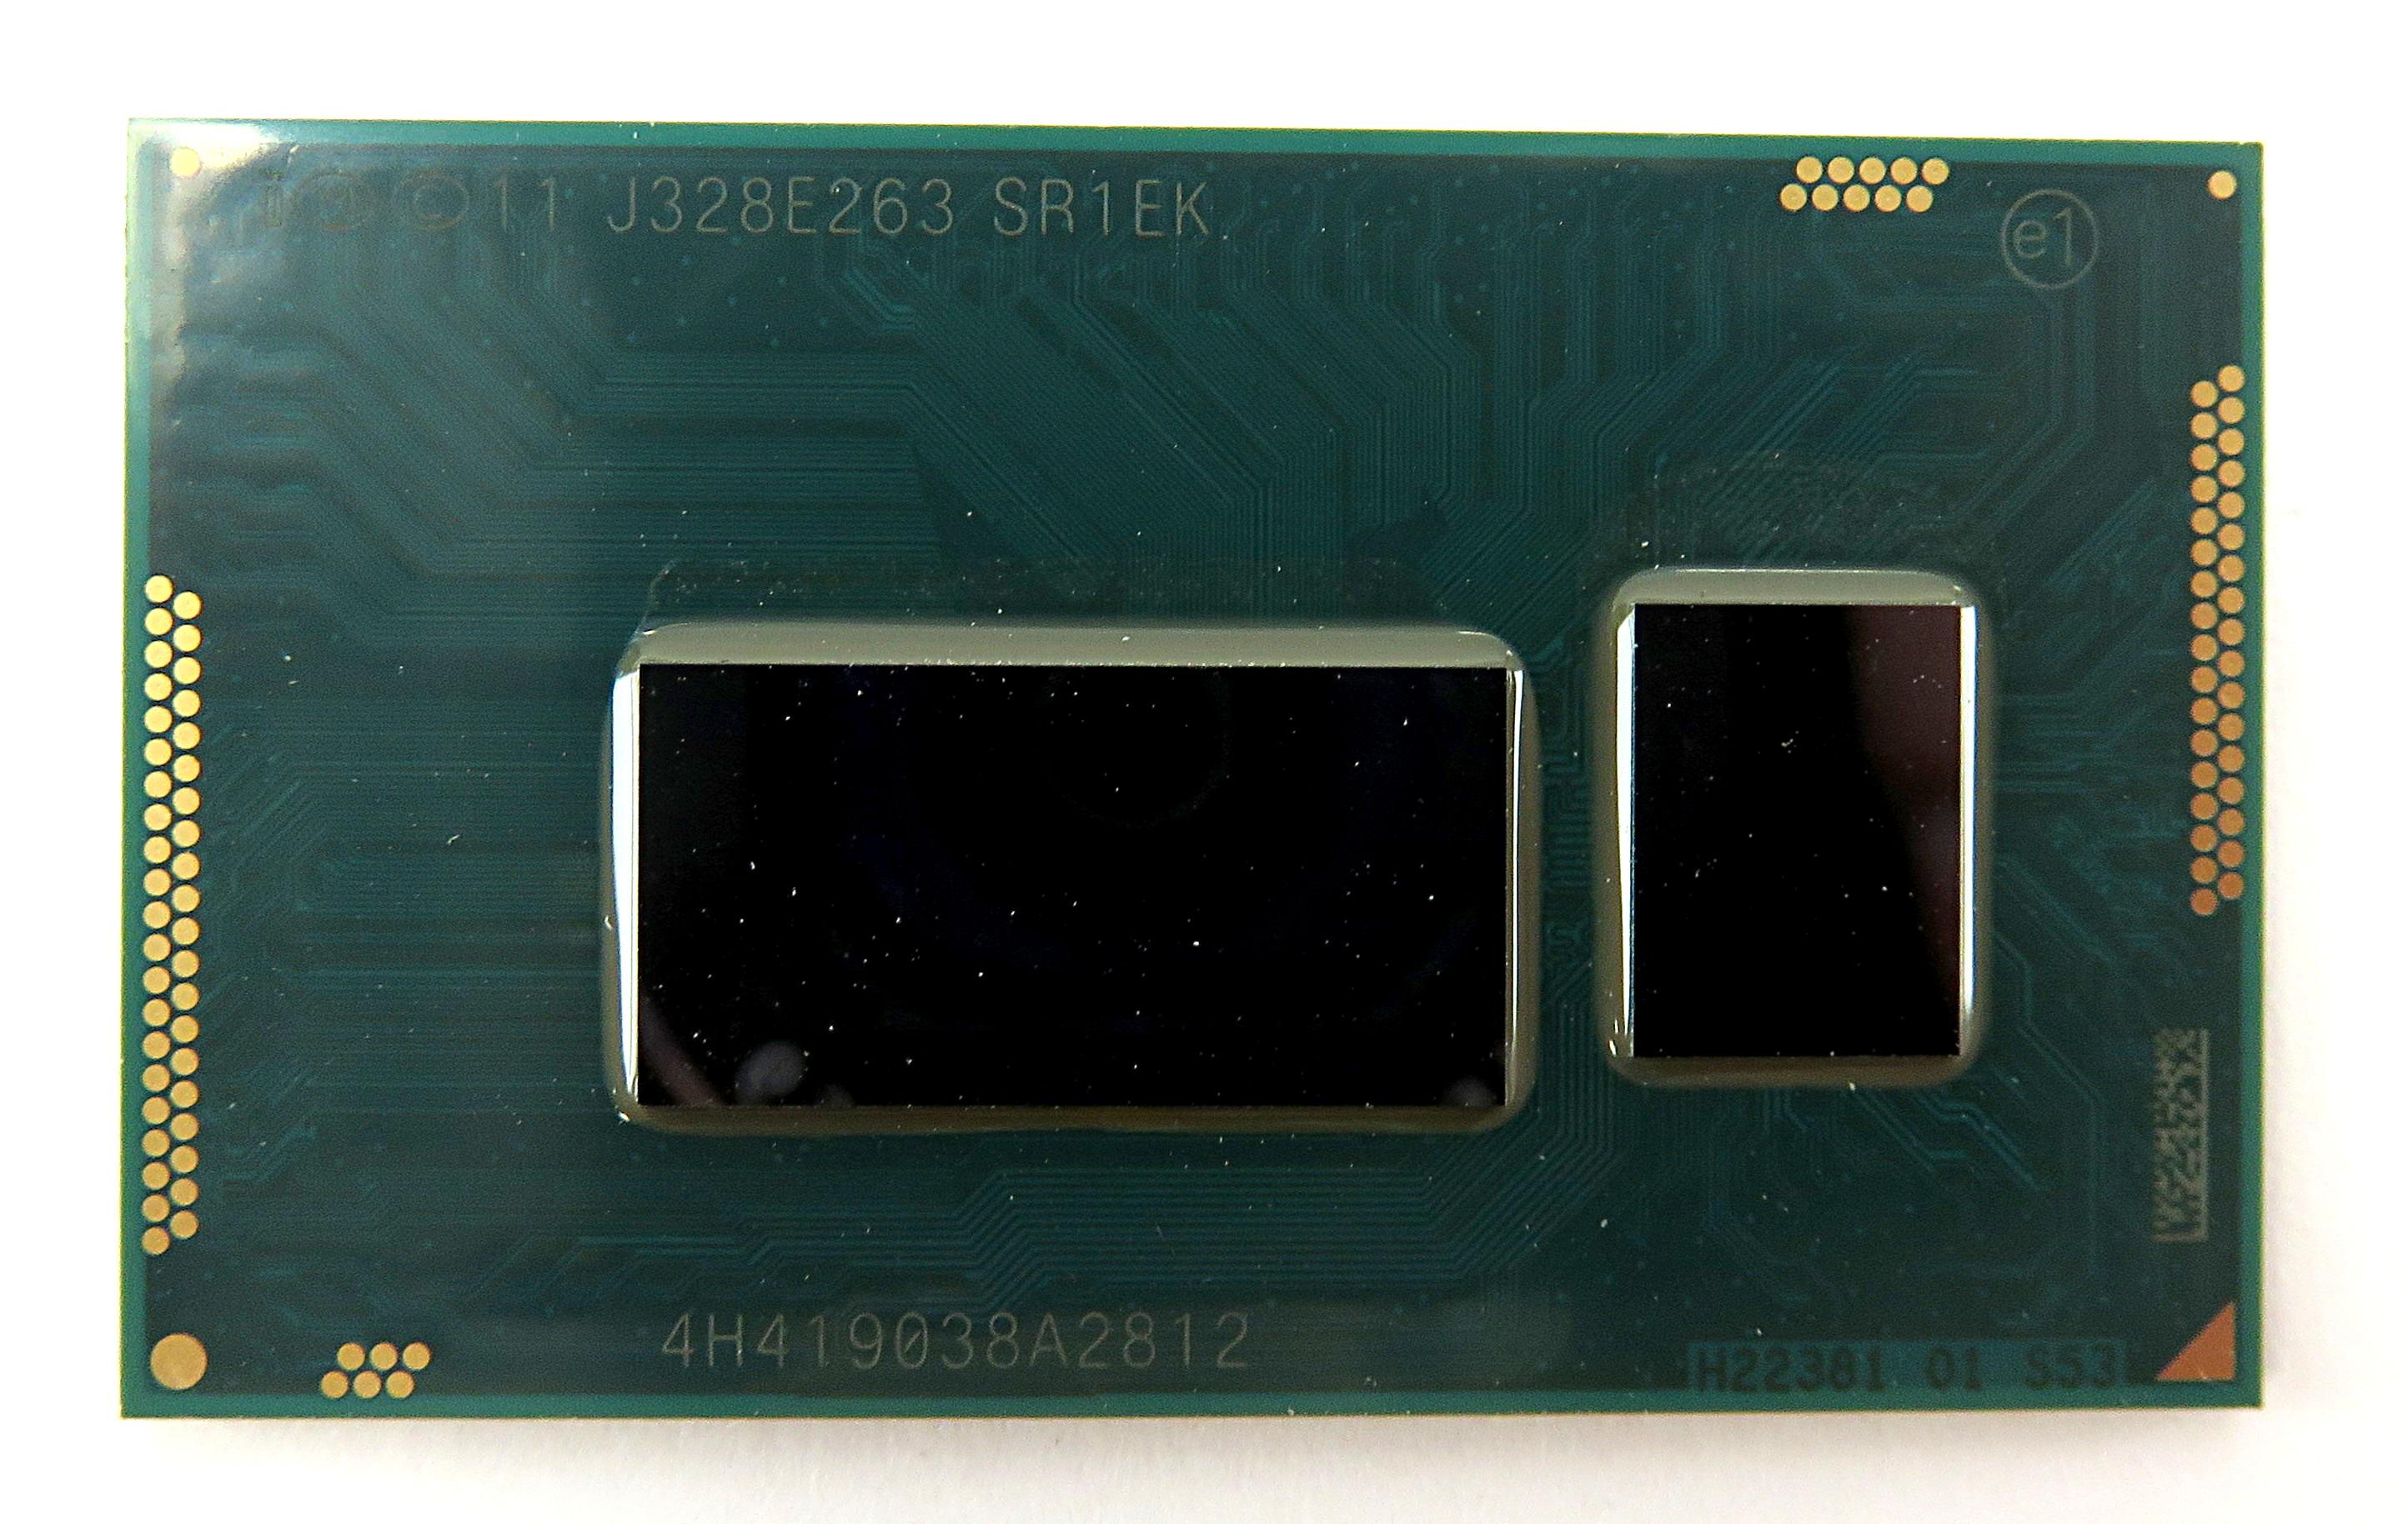 Intel i3-4005U SR1EK Dual-Core 4-Thread 1.7GHz 3MB BGA1168 Mobile Haswell CPU